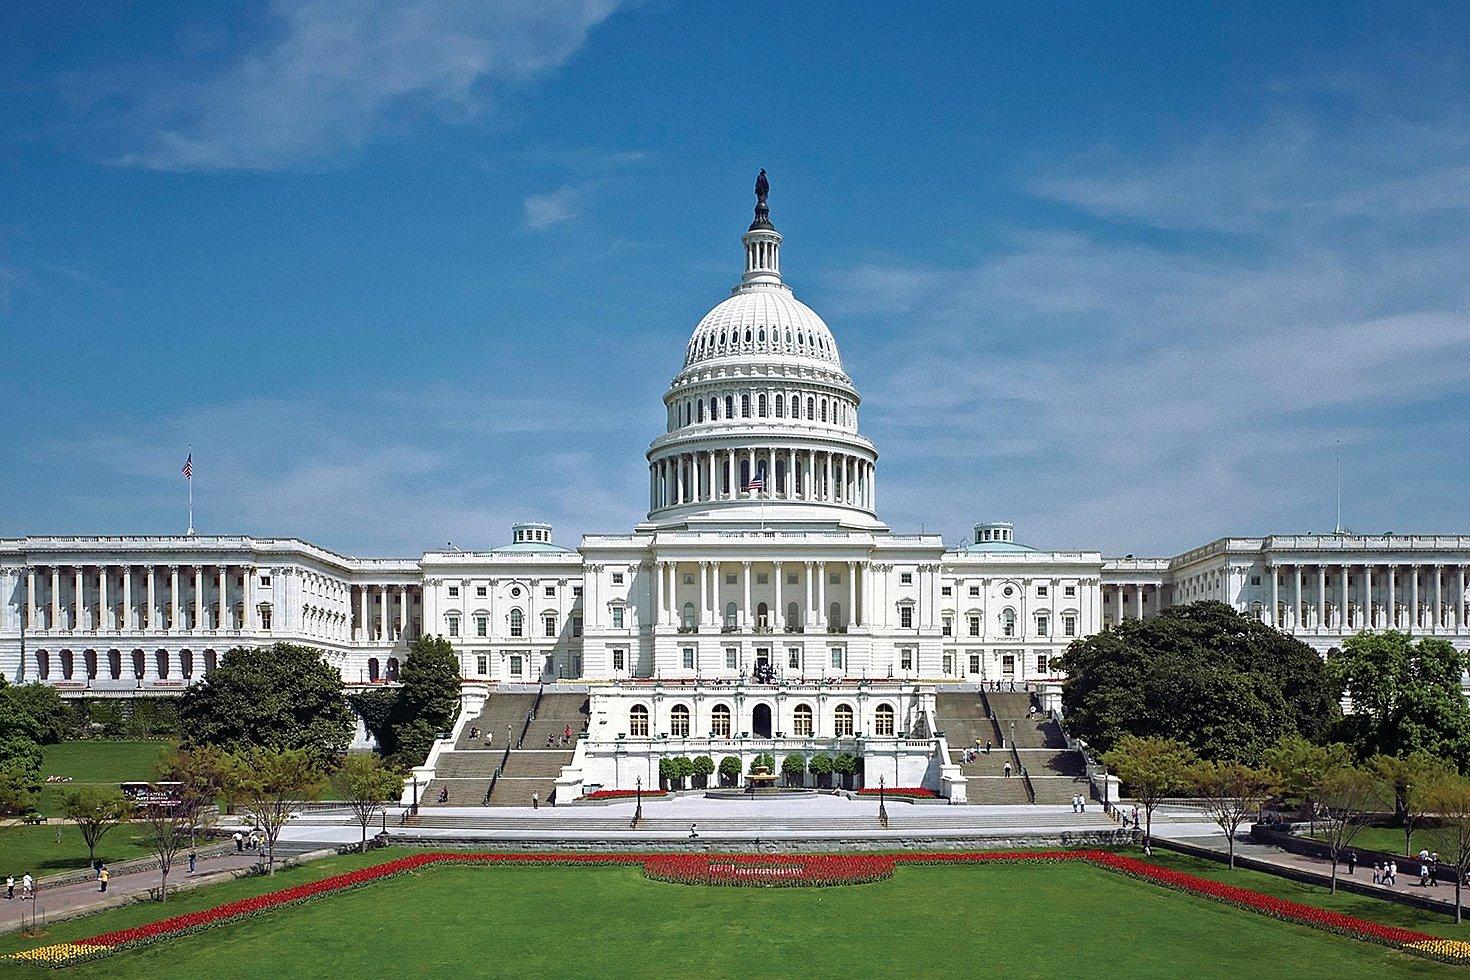 圖為美國國會大廈。(大紀元圖庫)